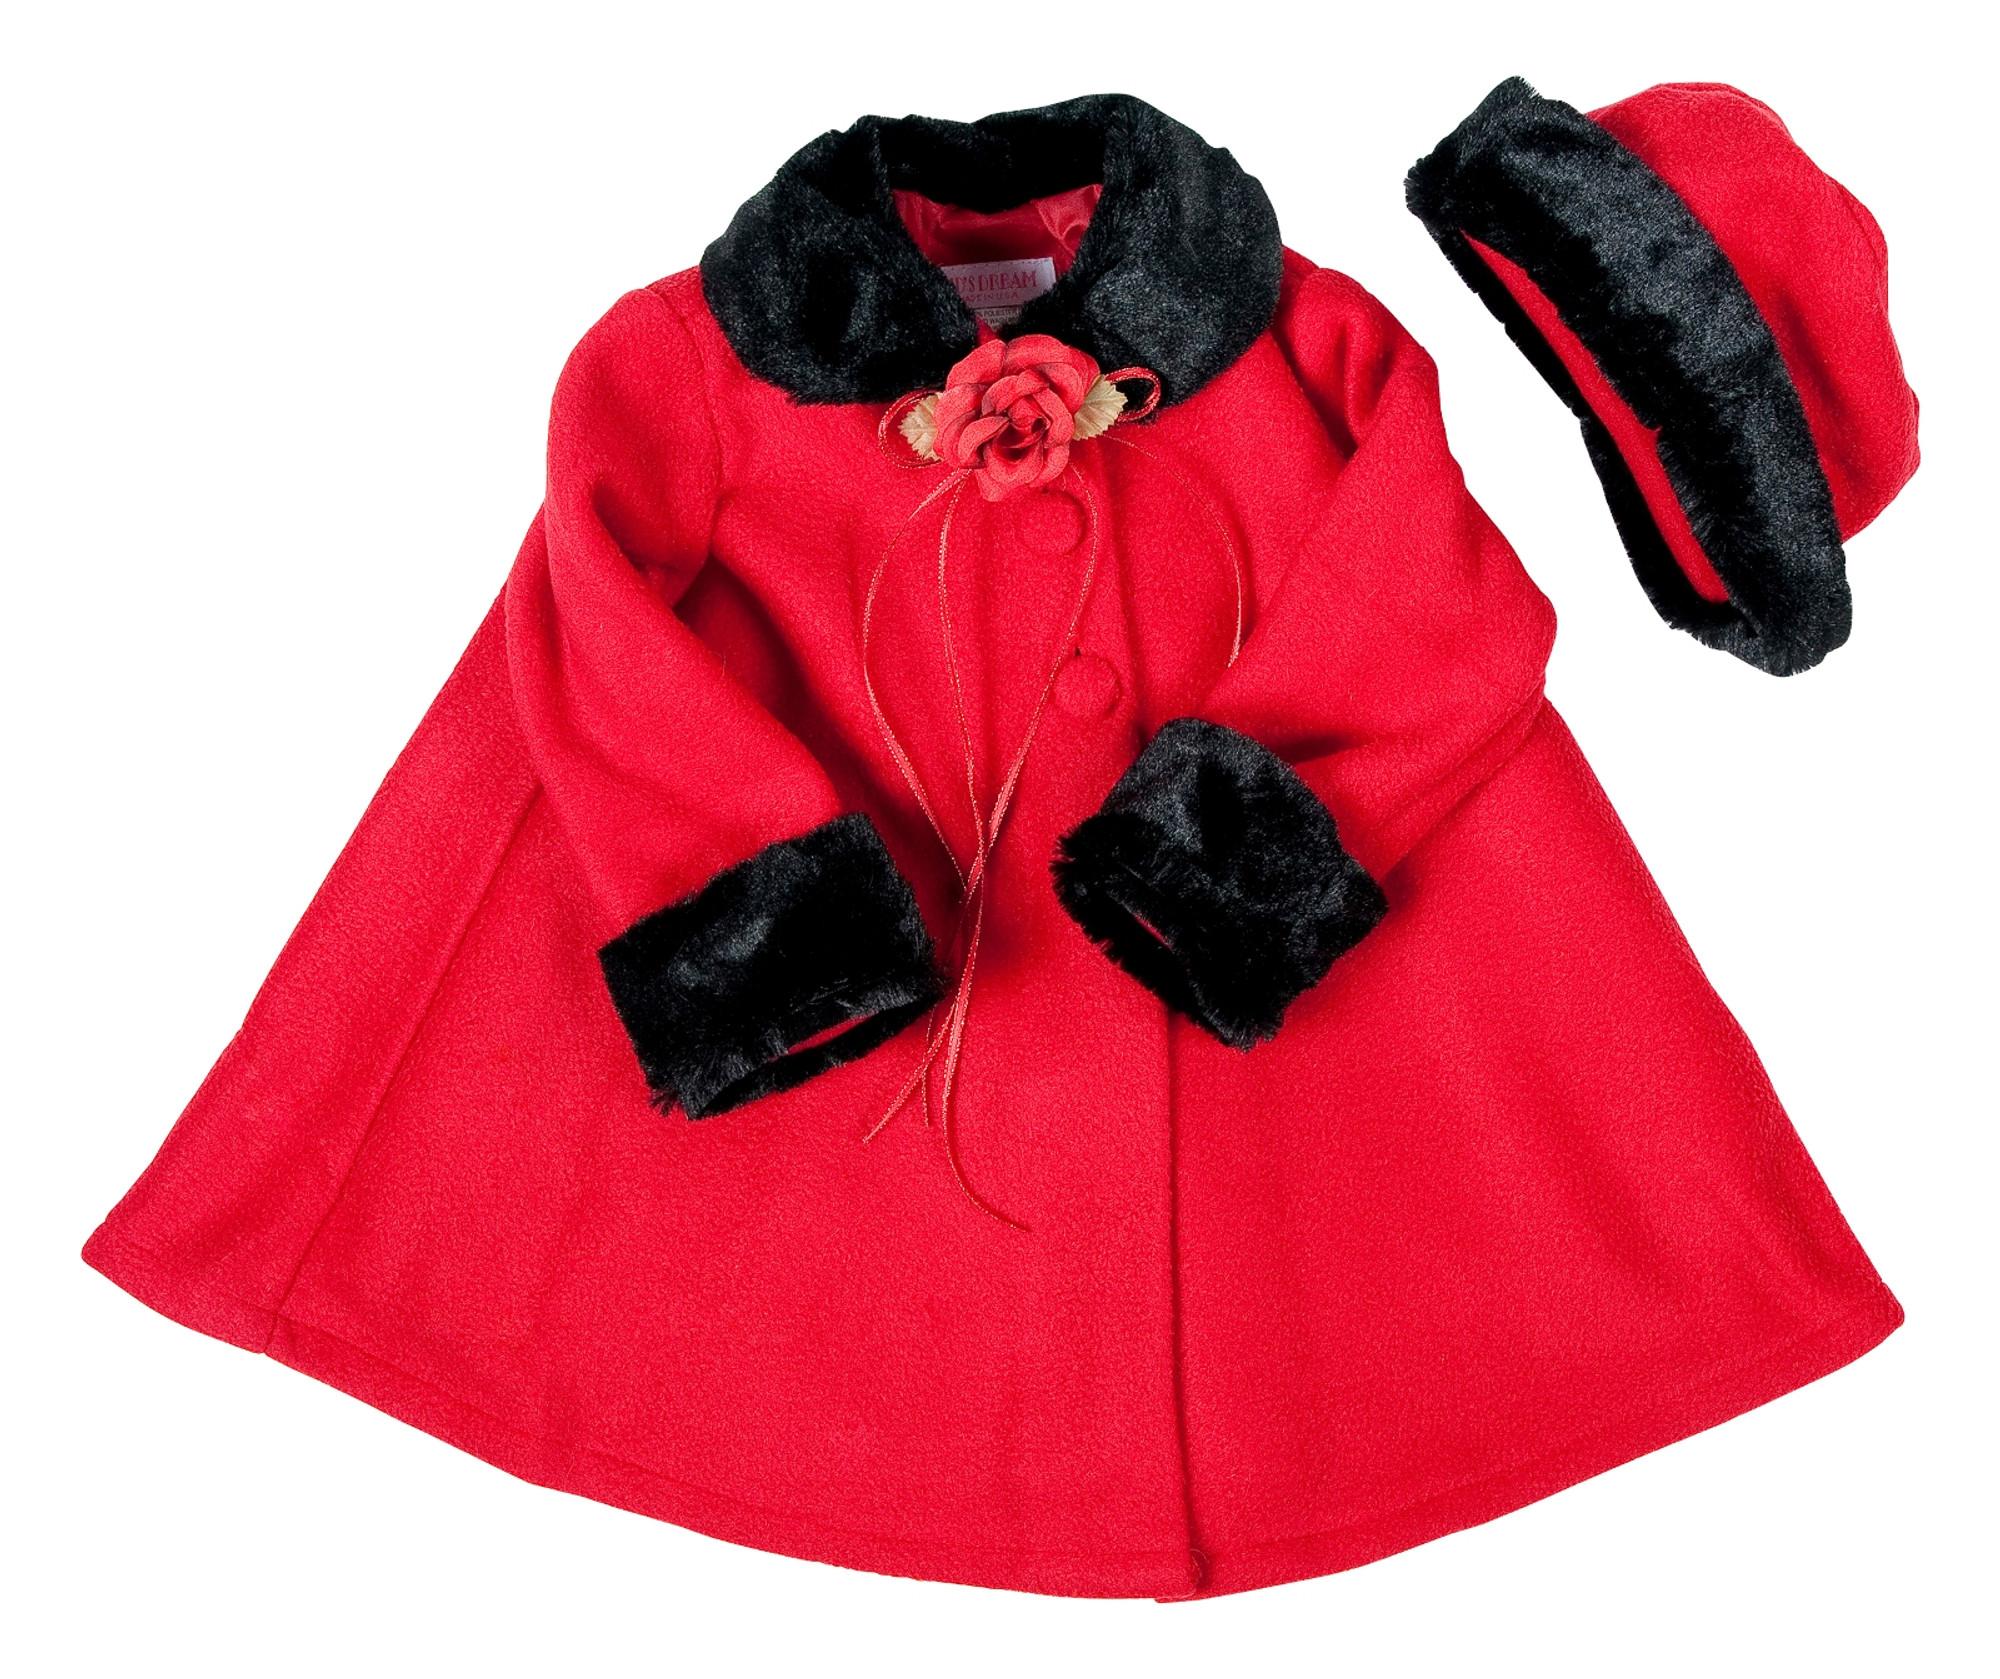 BIMARO Baby Mädchen Babymantel Mila rot und schwarz Fleece mit Mütze Taufmantel Mantel Jacke Hochzeit Taufe Wintermantel